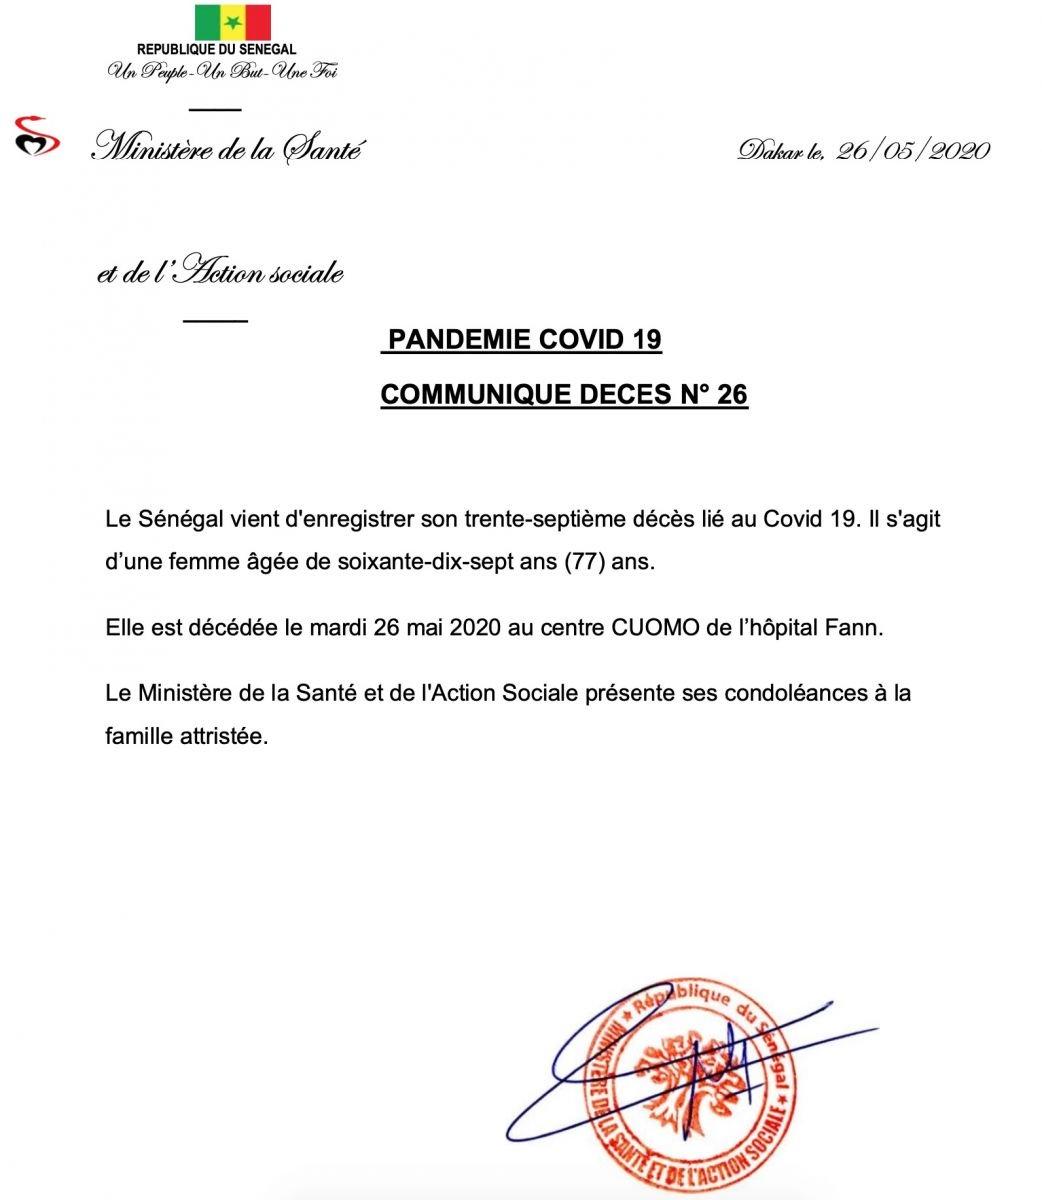 Covid-19 : 37e décès enregistré au Sénégal